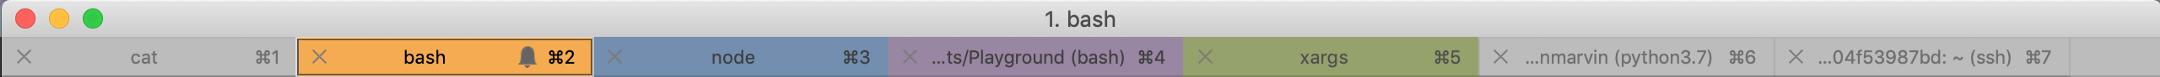 term-tab.png